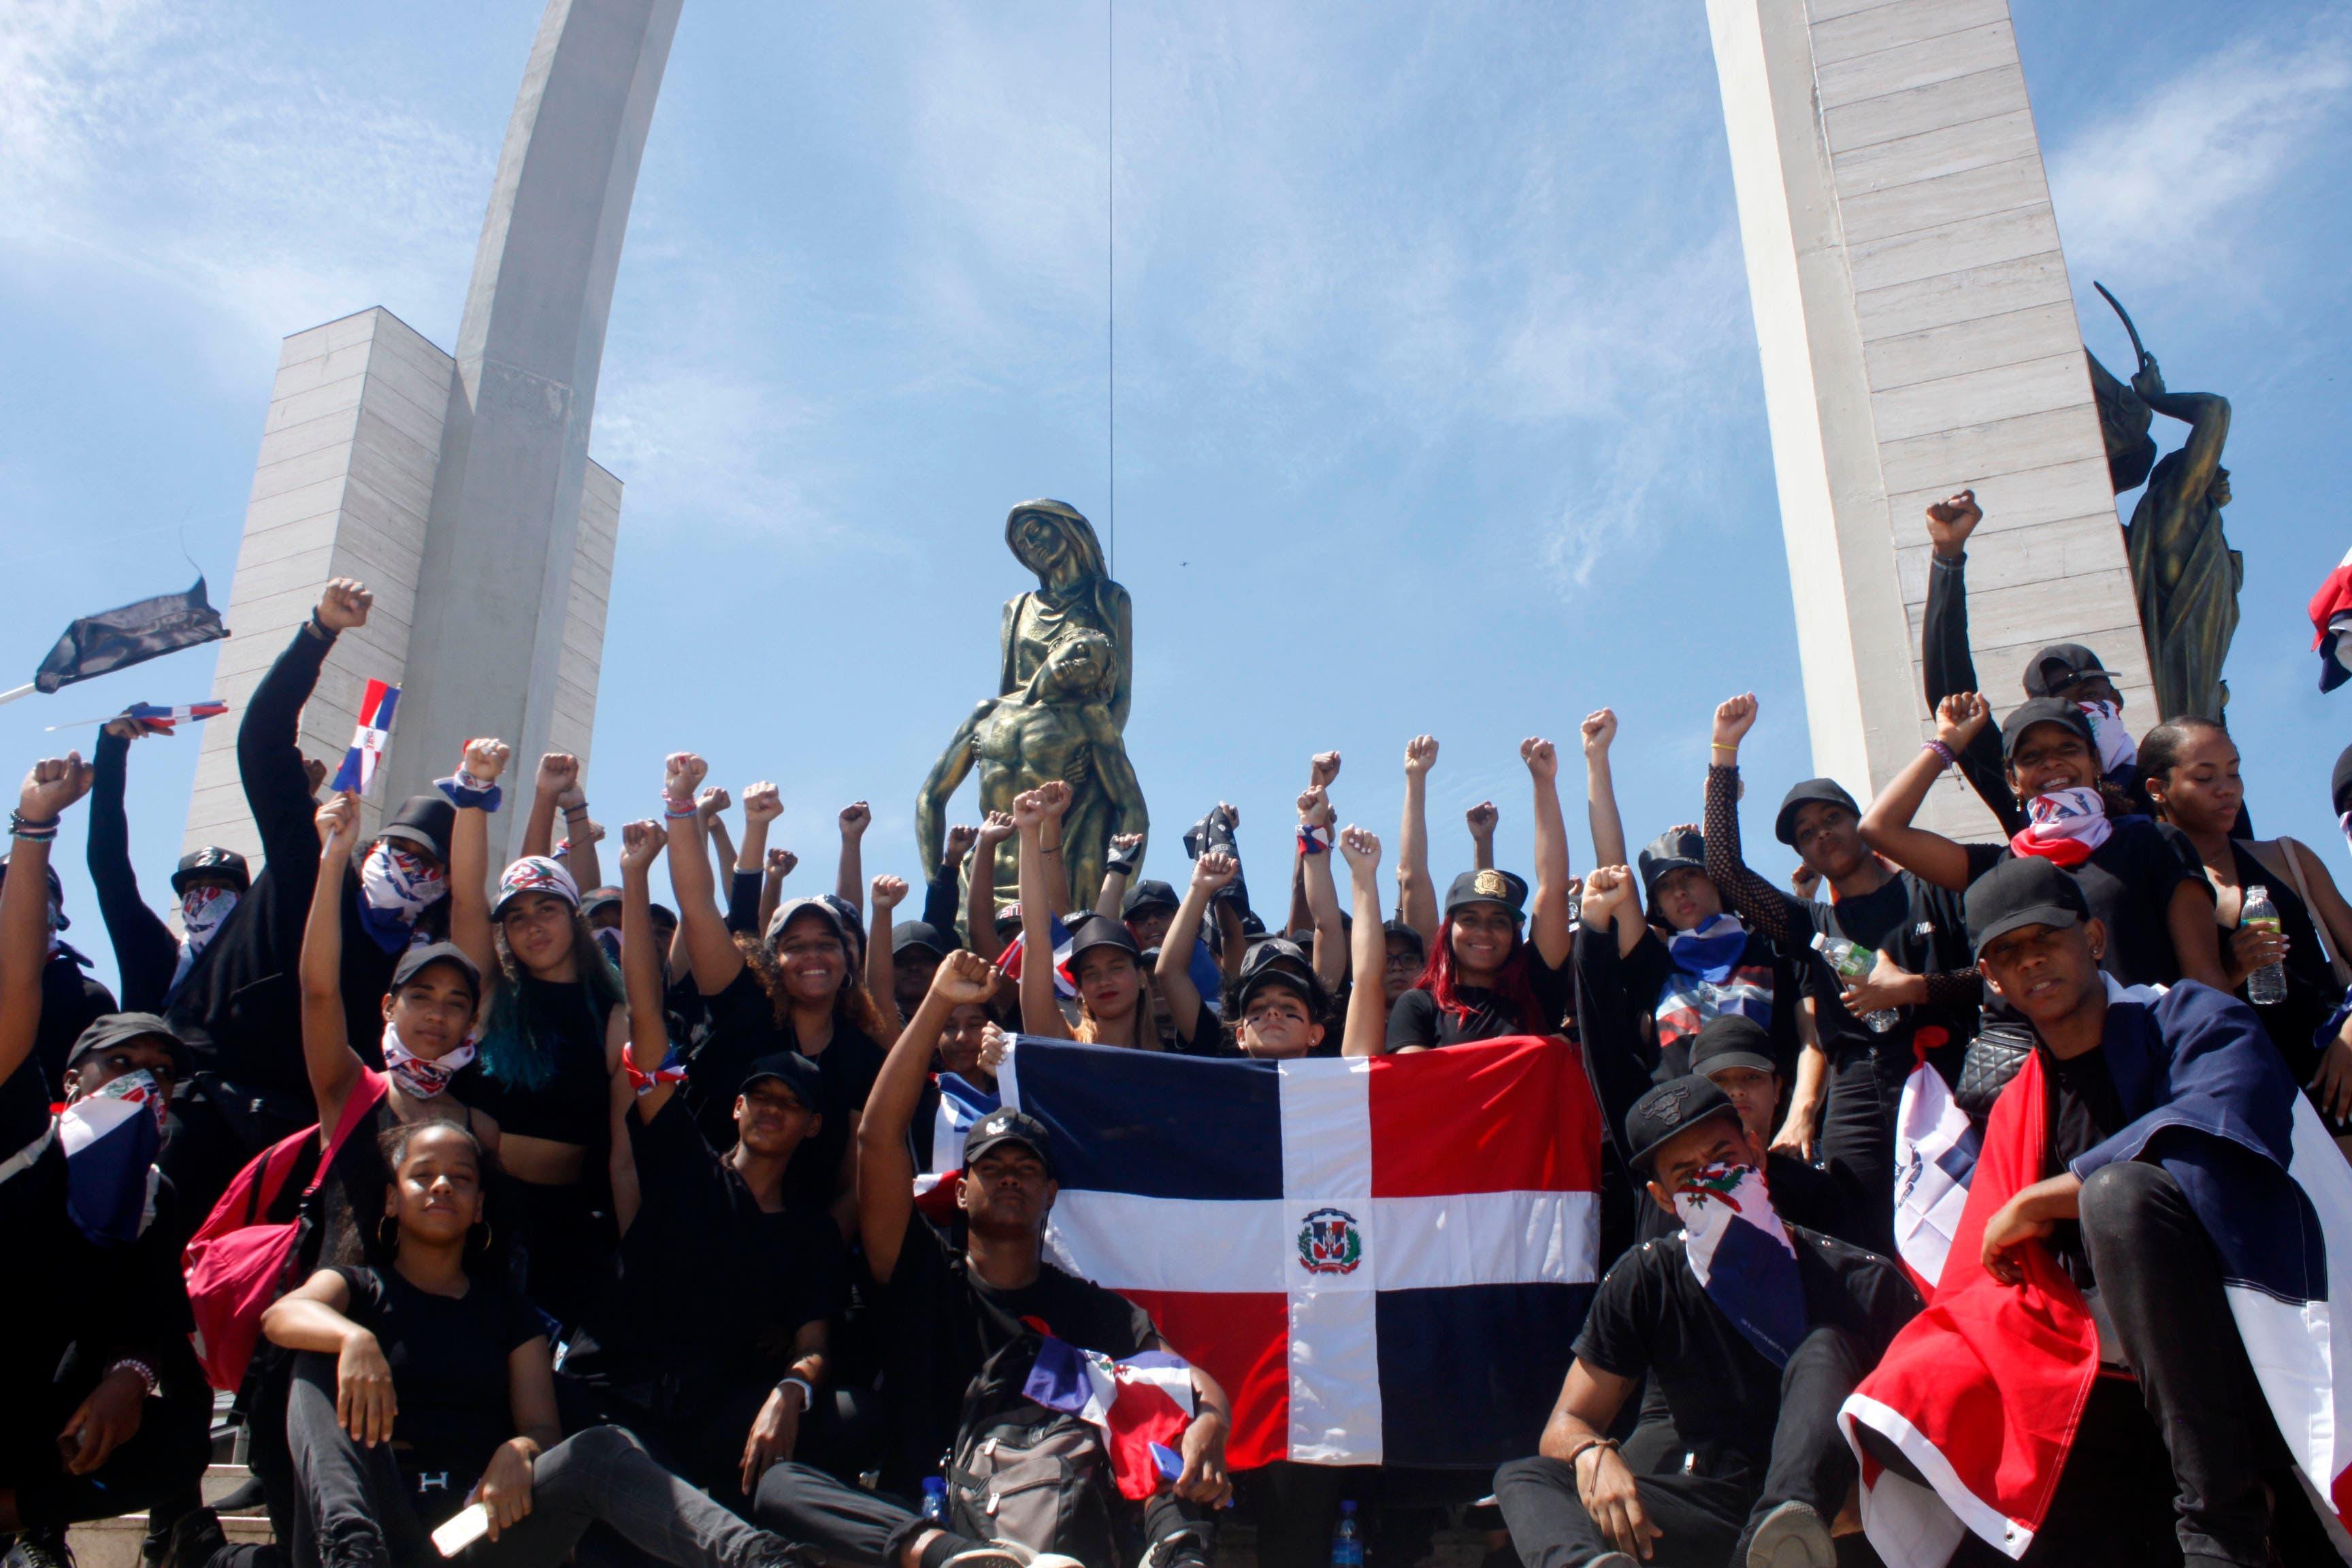 Si no fuese por el coronavirus, jóvenes de la Plaza de la Bandera protestarían